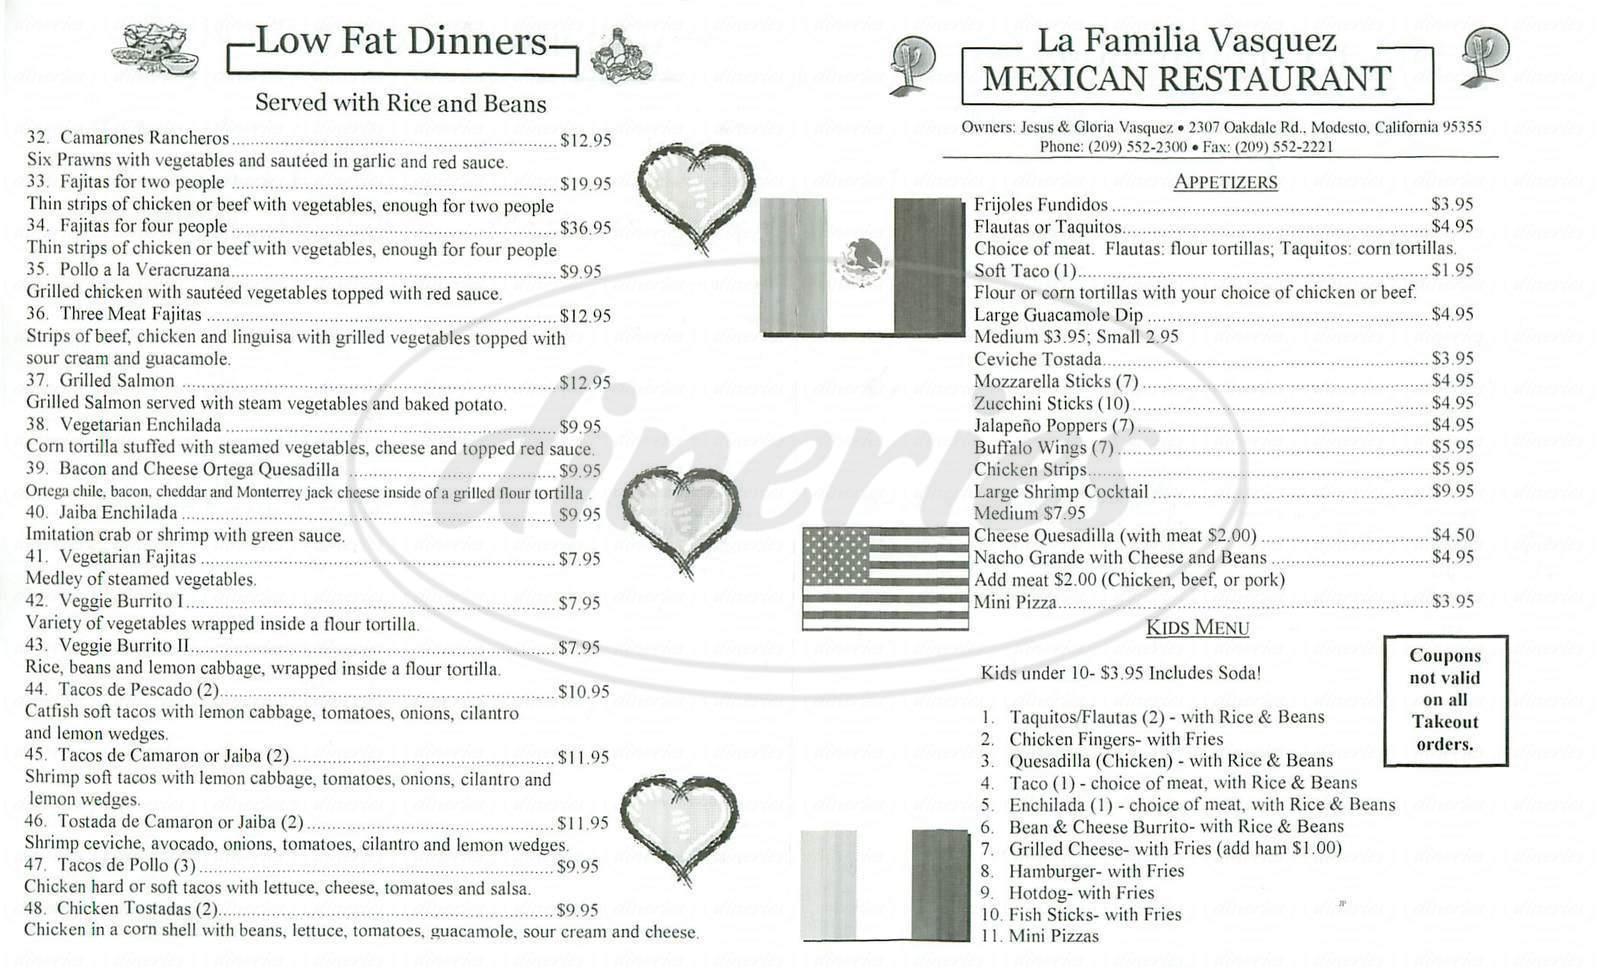 menu for La Familia Vasquez